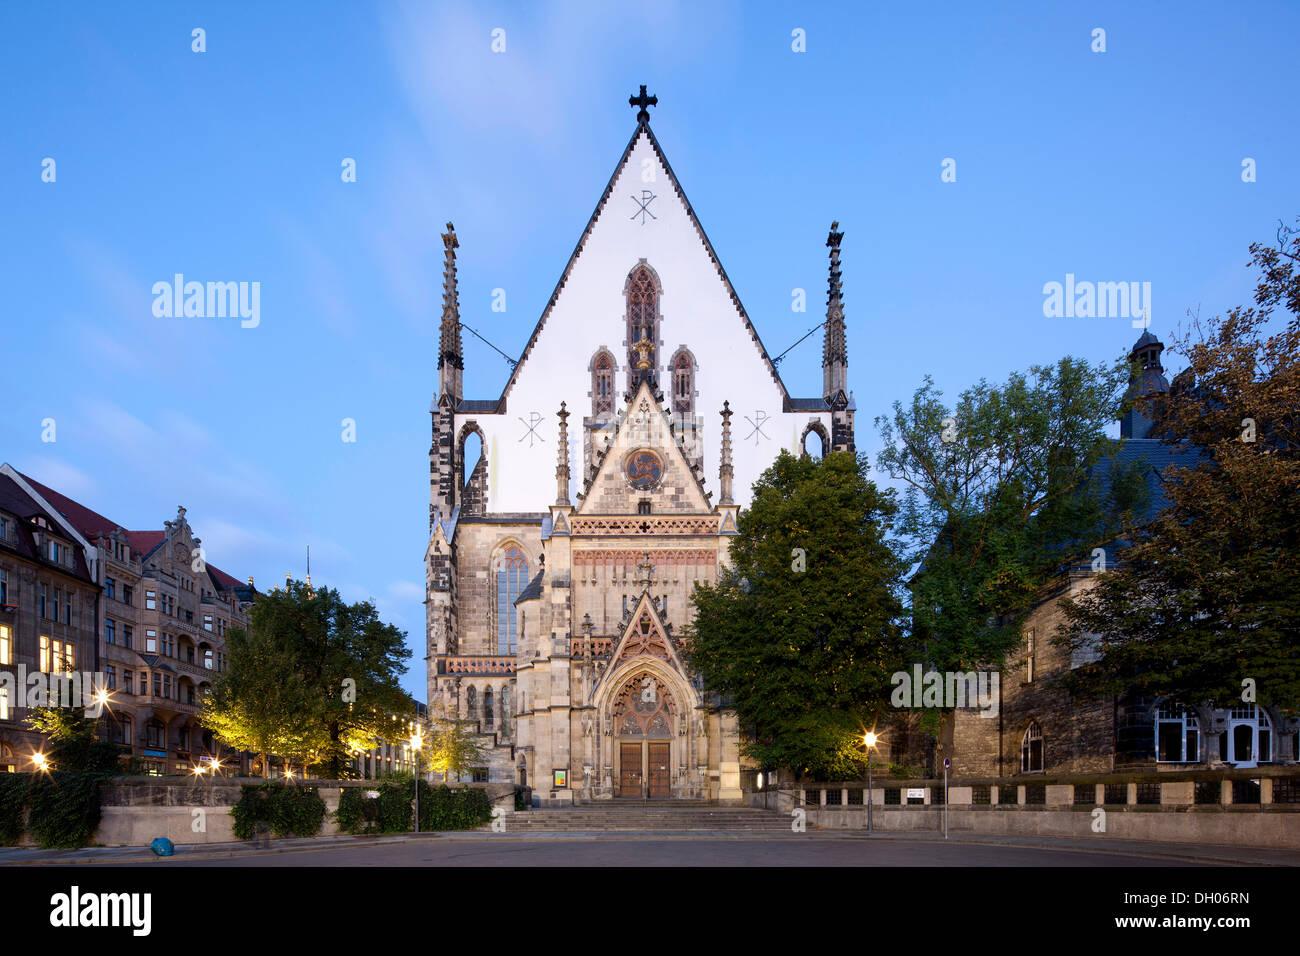 St. Thomas Church, Leipzig, Saxony, PublicGround - Stock Image